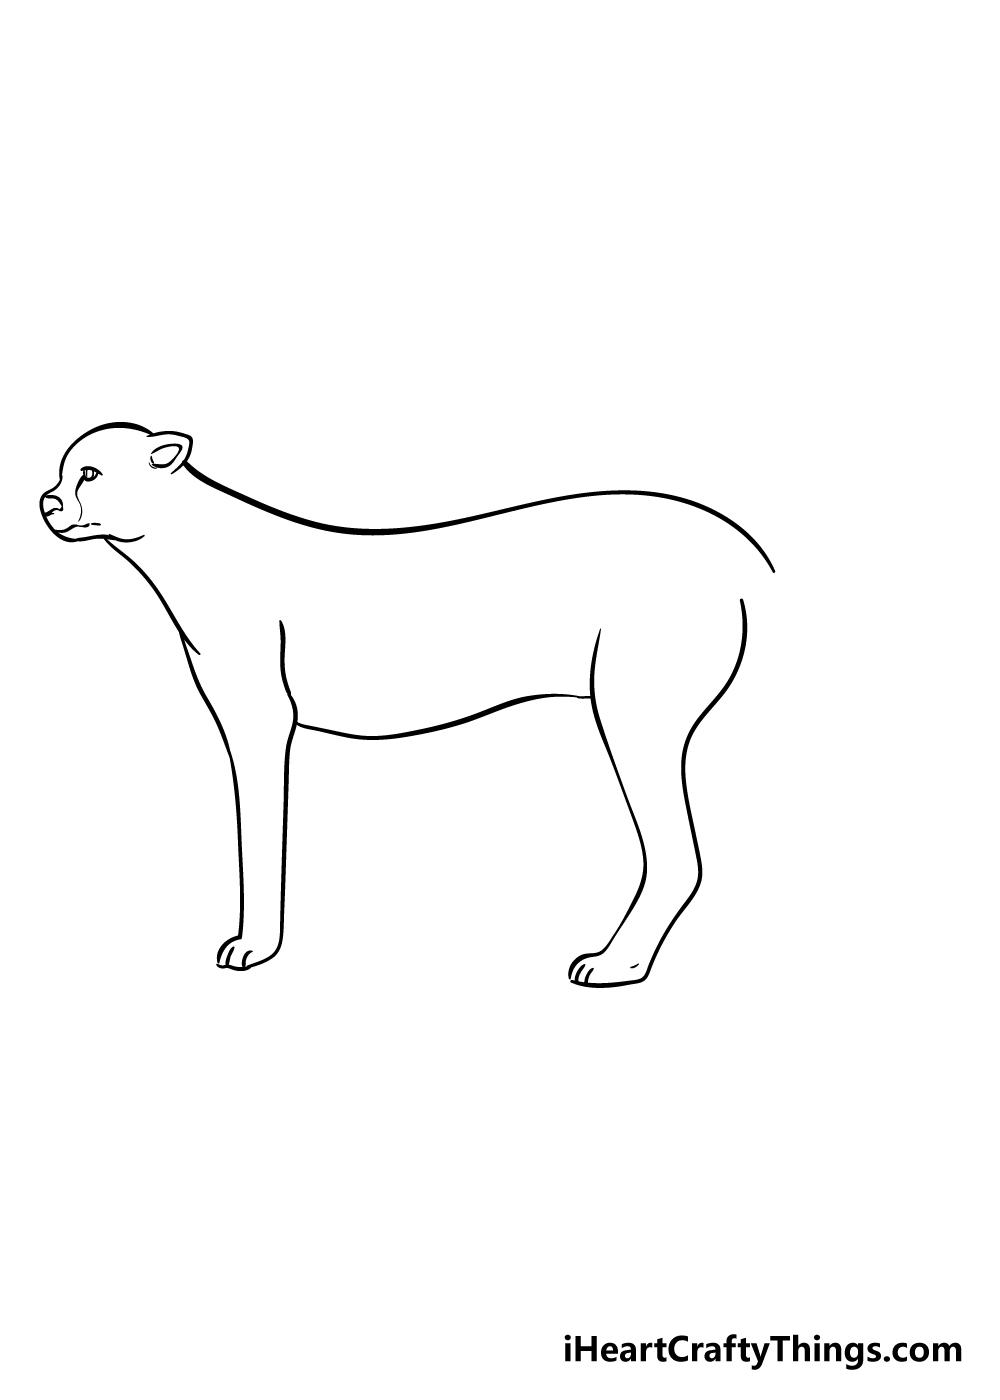 cheetah drawing step 5